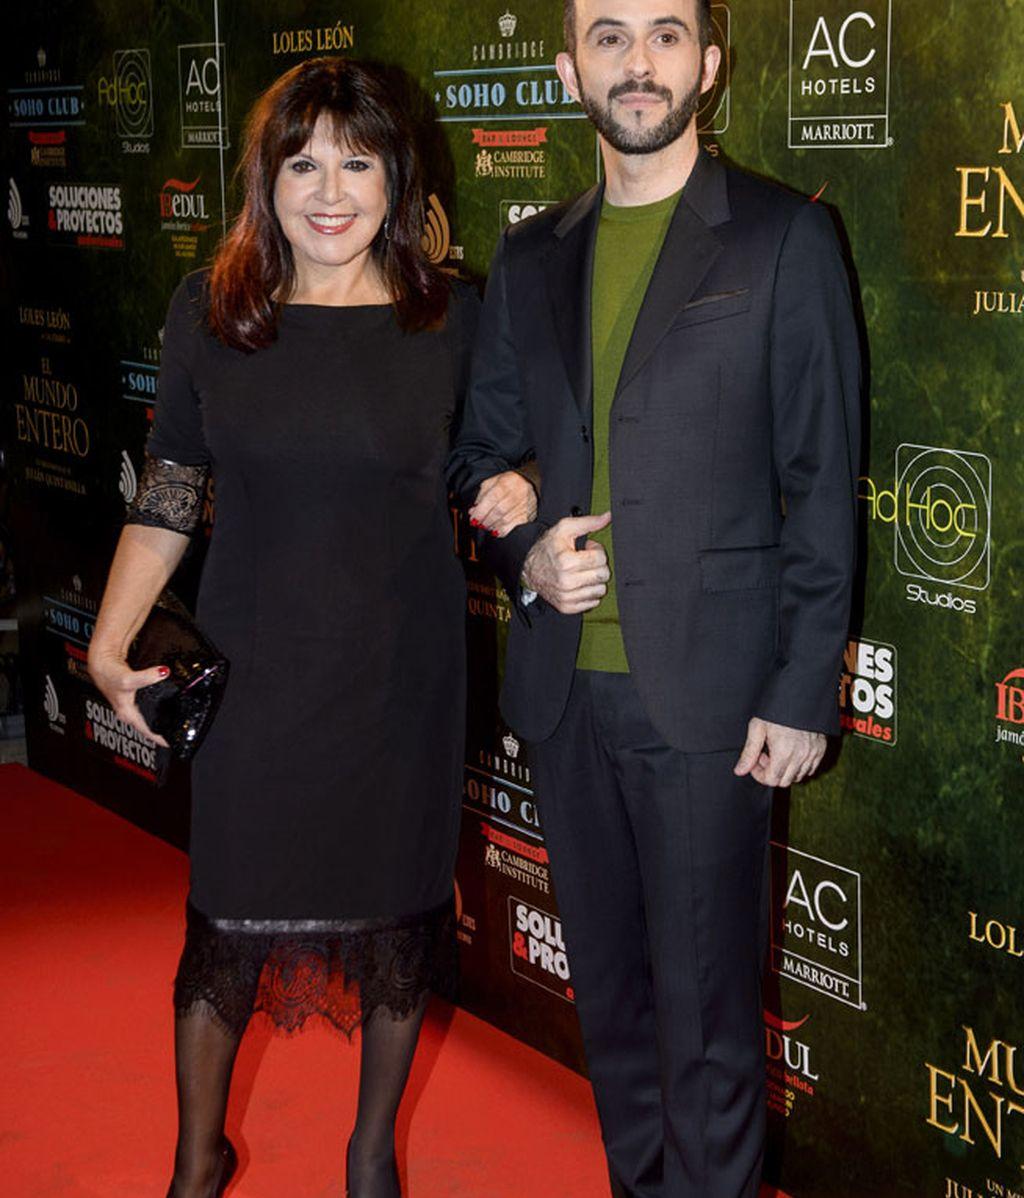 Loles León, protagonista de la película, junto al director Julián Quintanilla